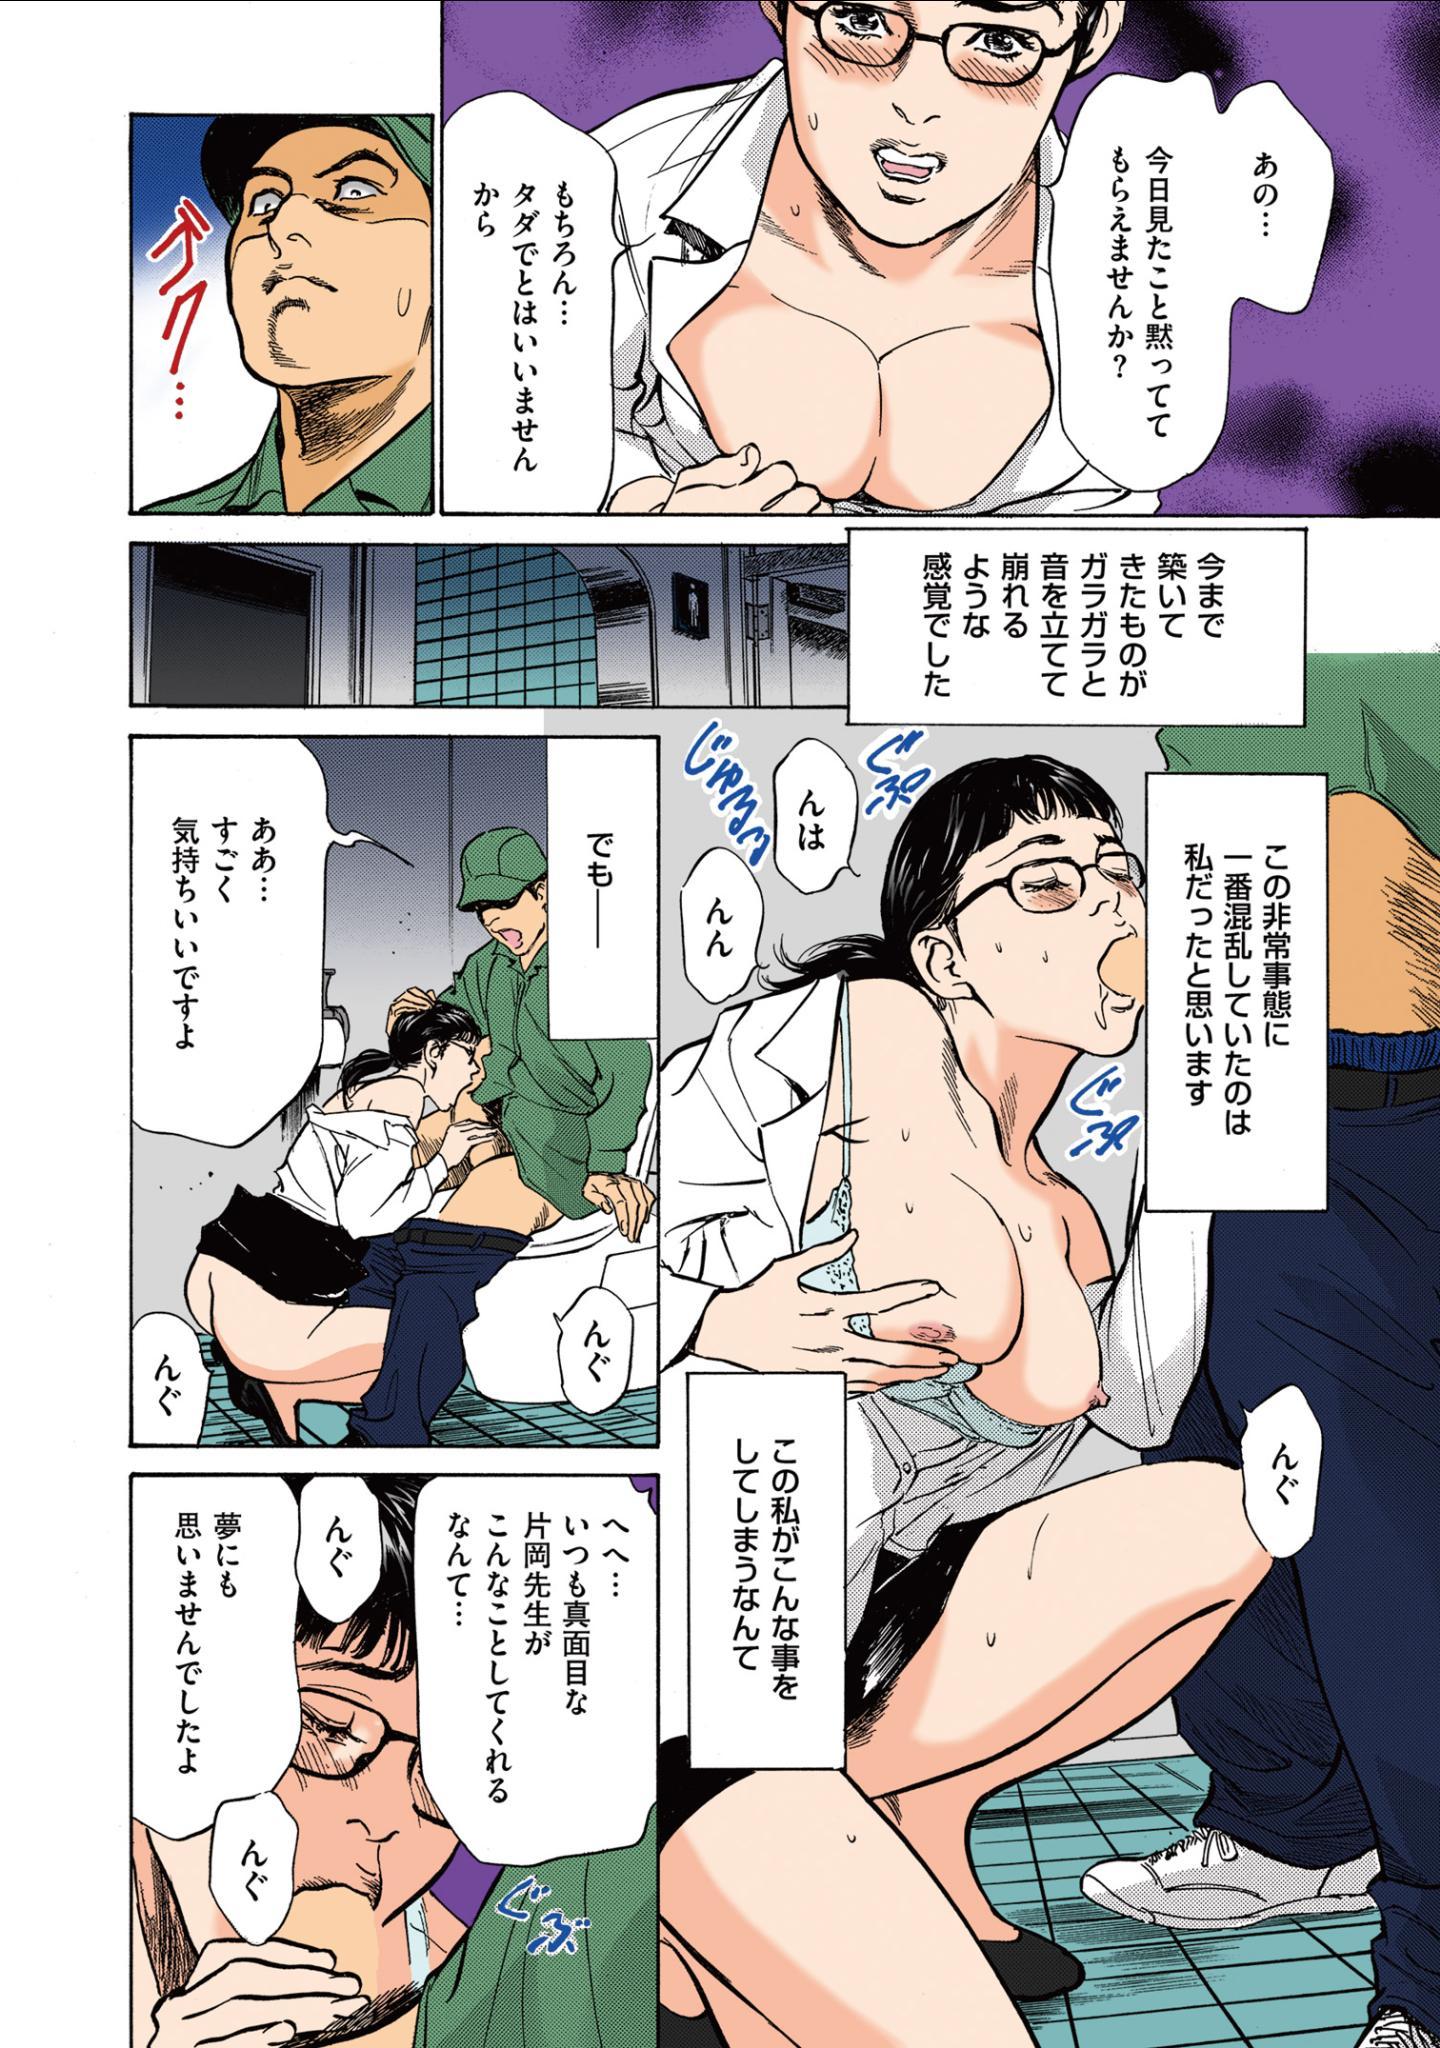 [Hazuki Kaoru] Hazuki Kaoru no Tamaranai Hanashi (Full Color Version) 1-2 45